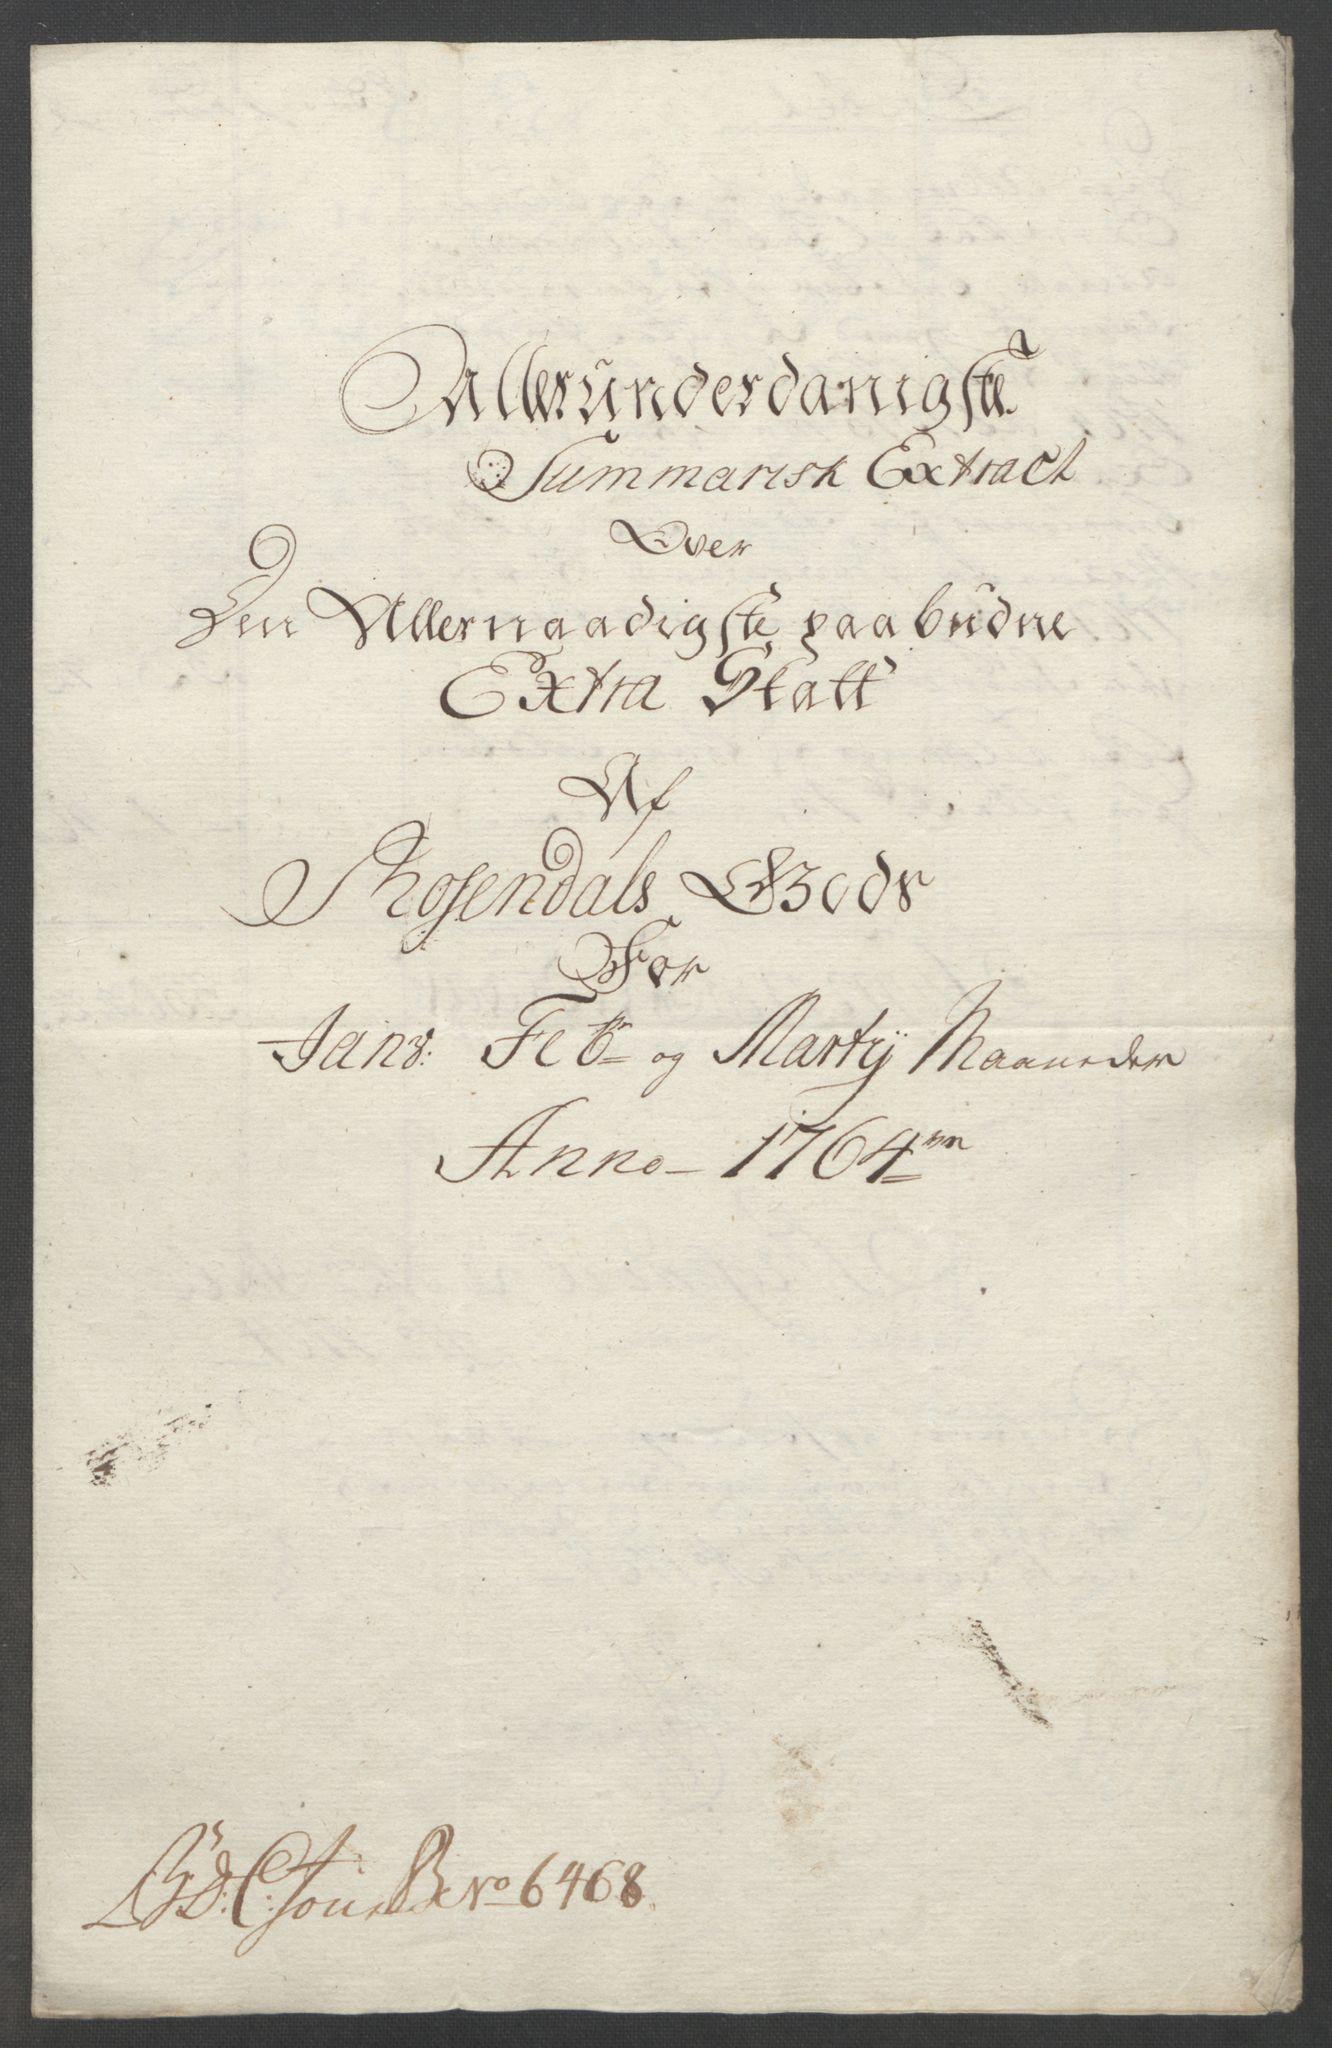 RA, Rentekammeret inntil 1814, Reviderte regnskaper, Fogderegnskap, R49/L3157: Ekstraskatten Rosendal Baroni, 1762-1772, s. 76